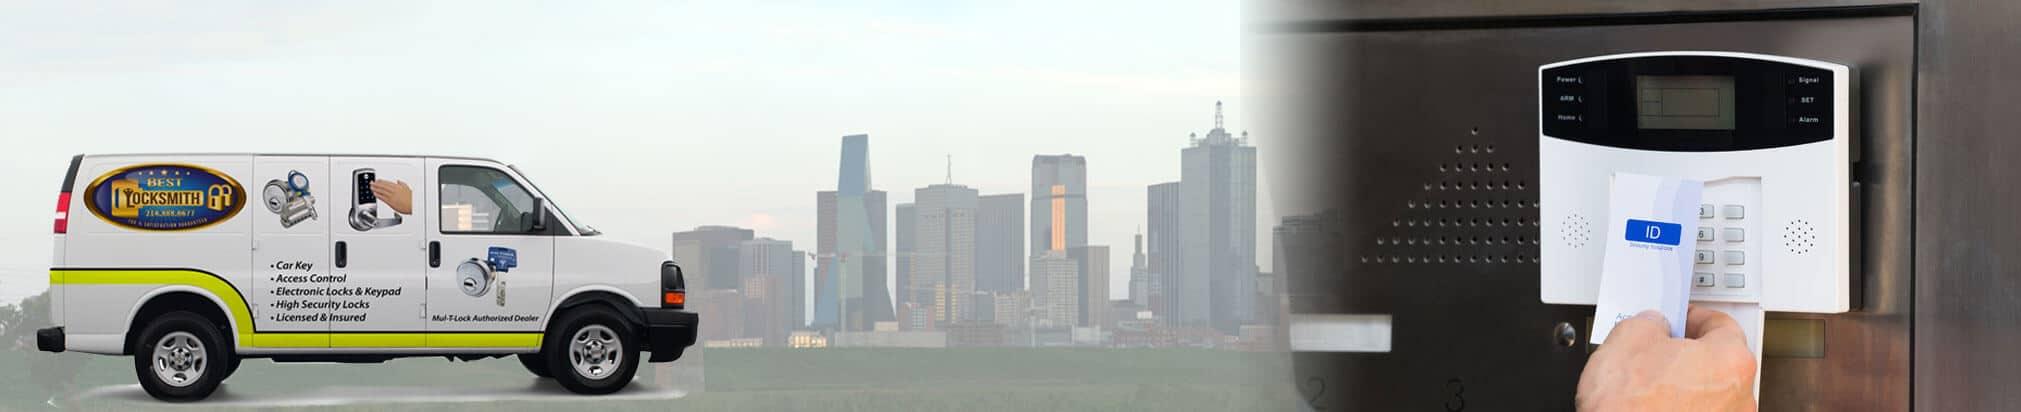 Access Control Systems Dallas, Texas